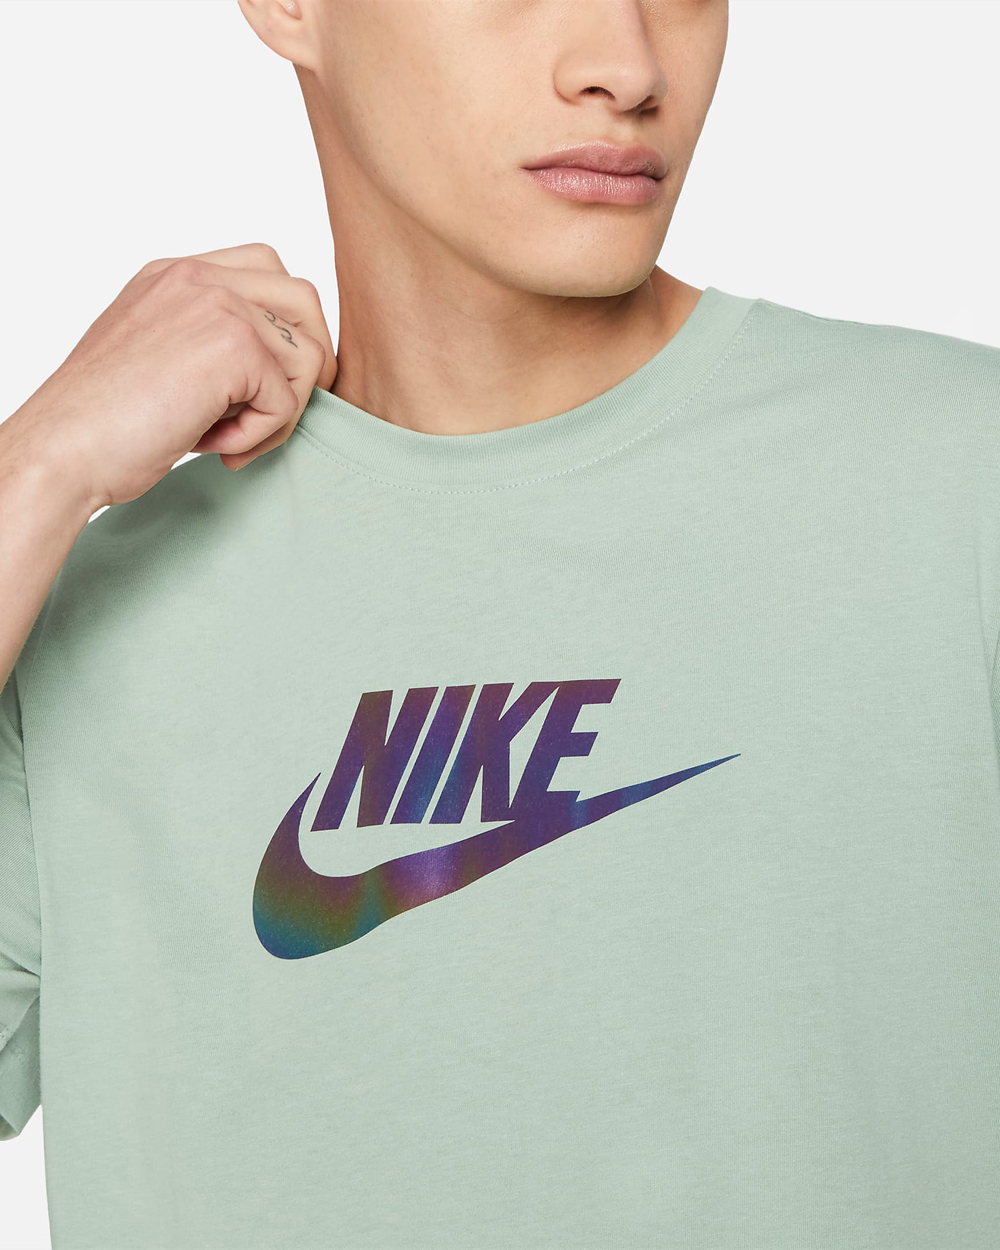 nike-iridescent-shirt-steam-green-1